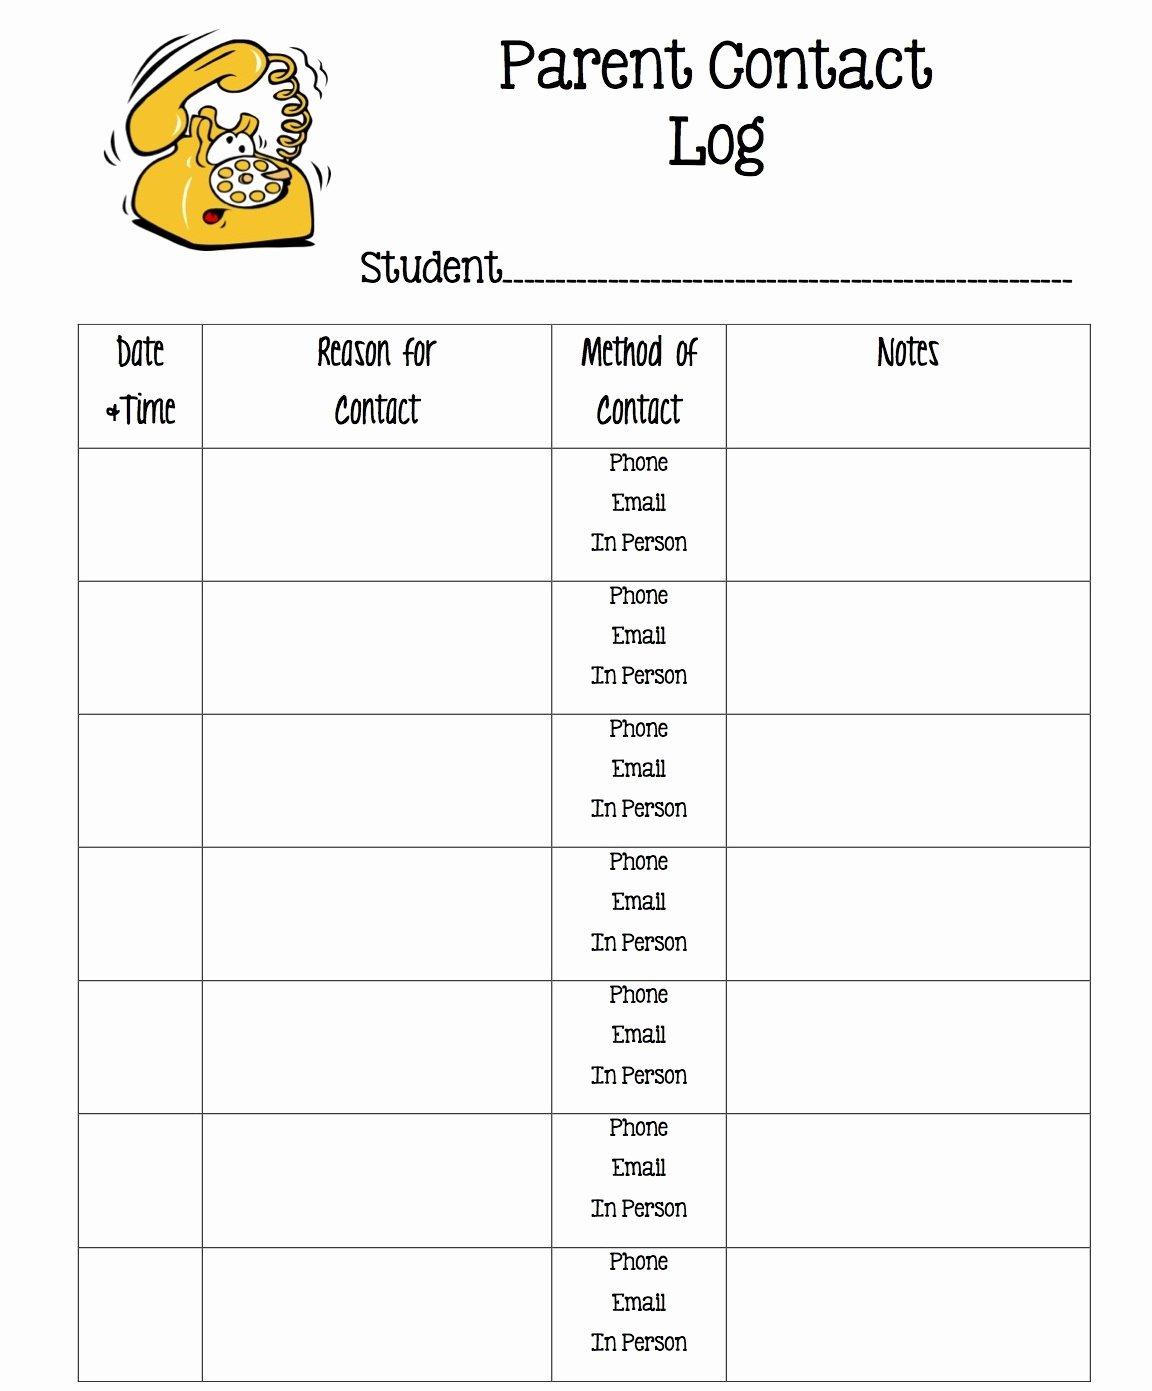 Parent Contact Log Template Inspirational Tween Teaching Parent Contact Log and Exit Slip Sheets